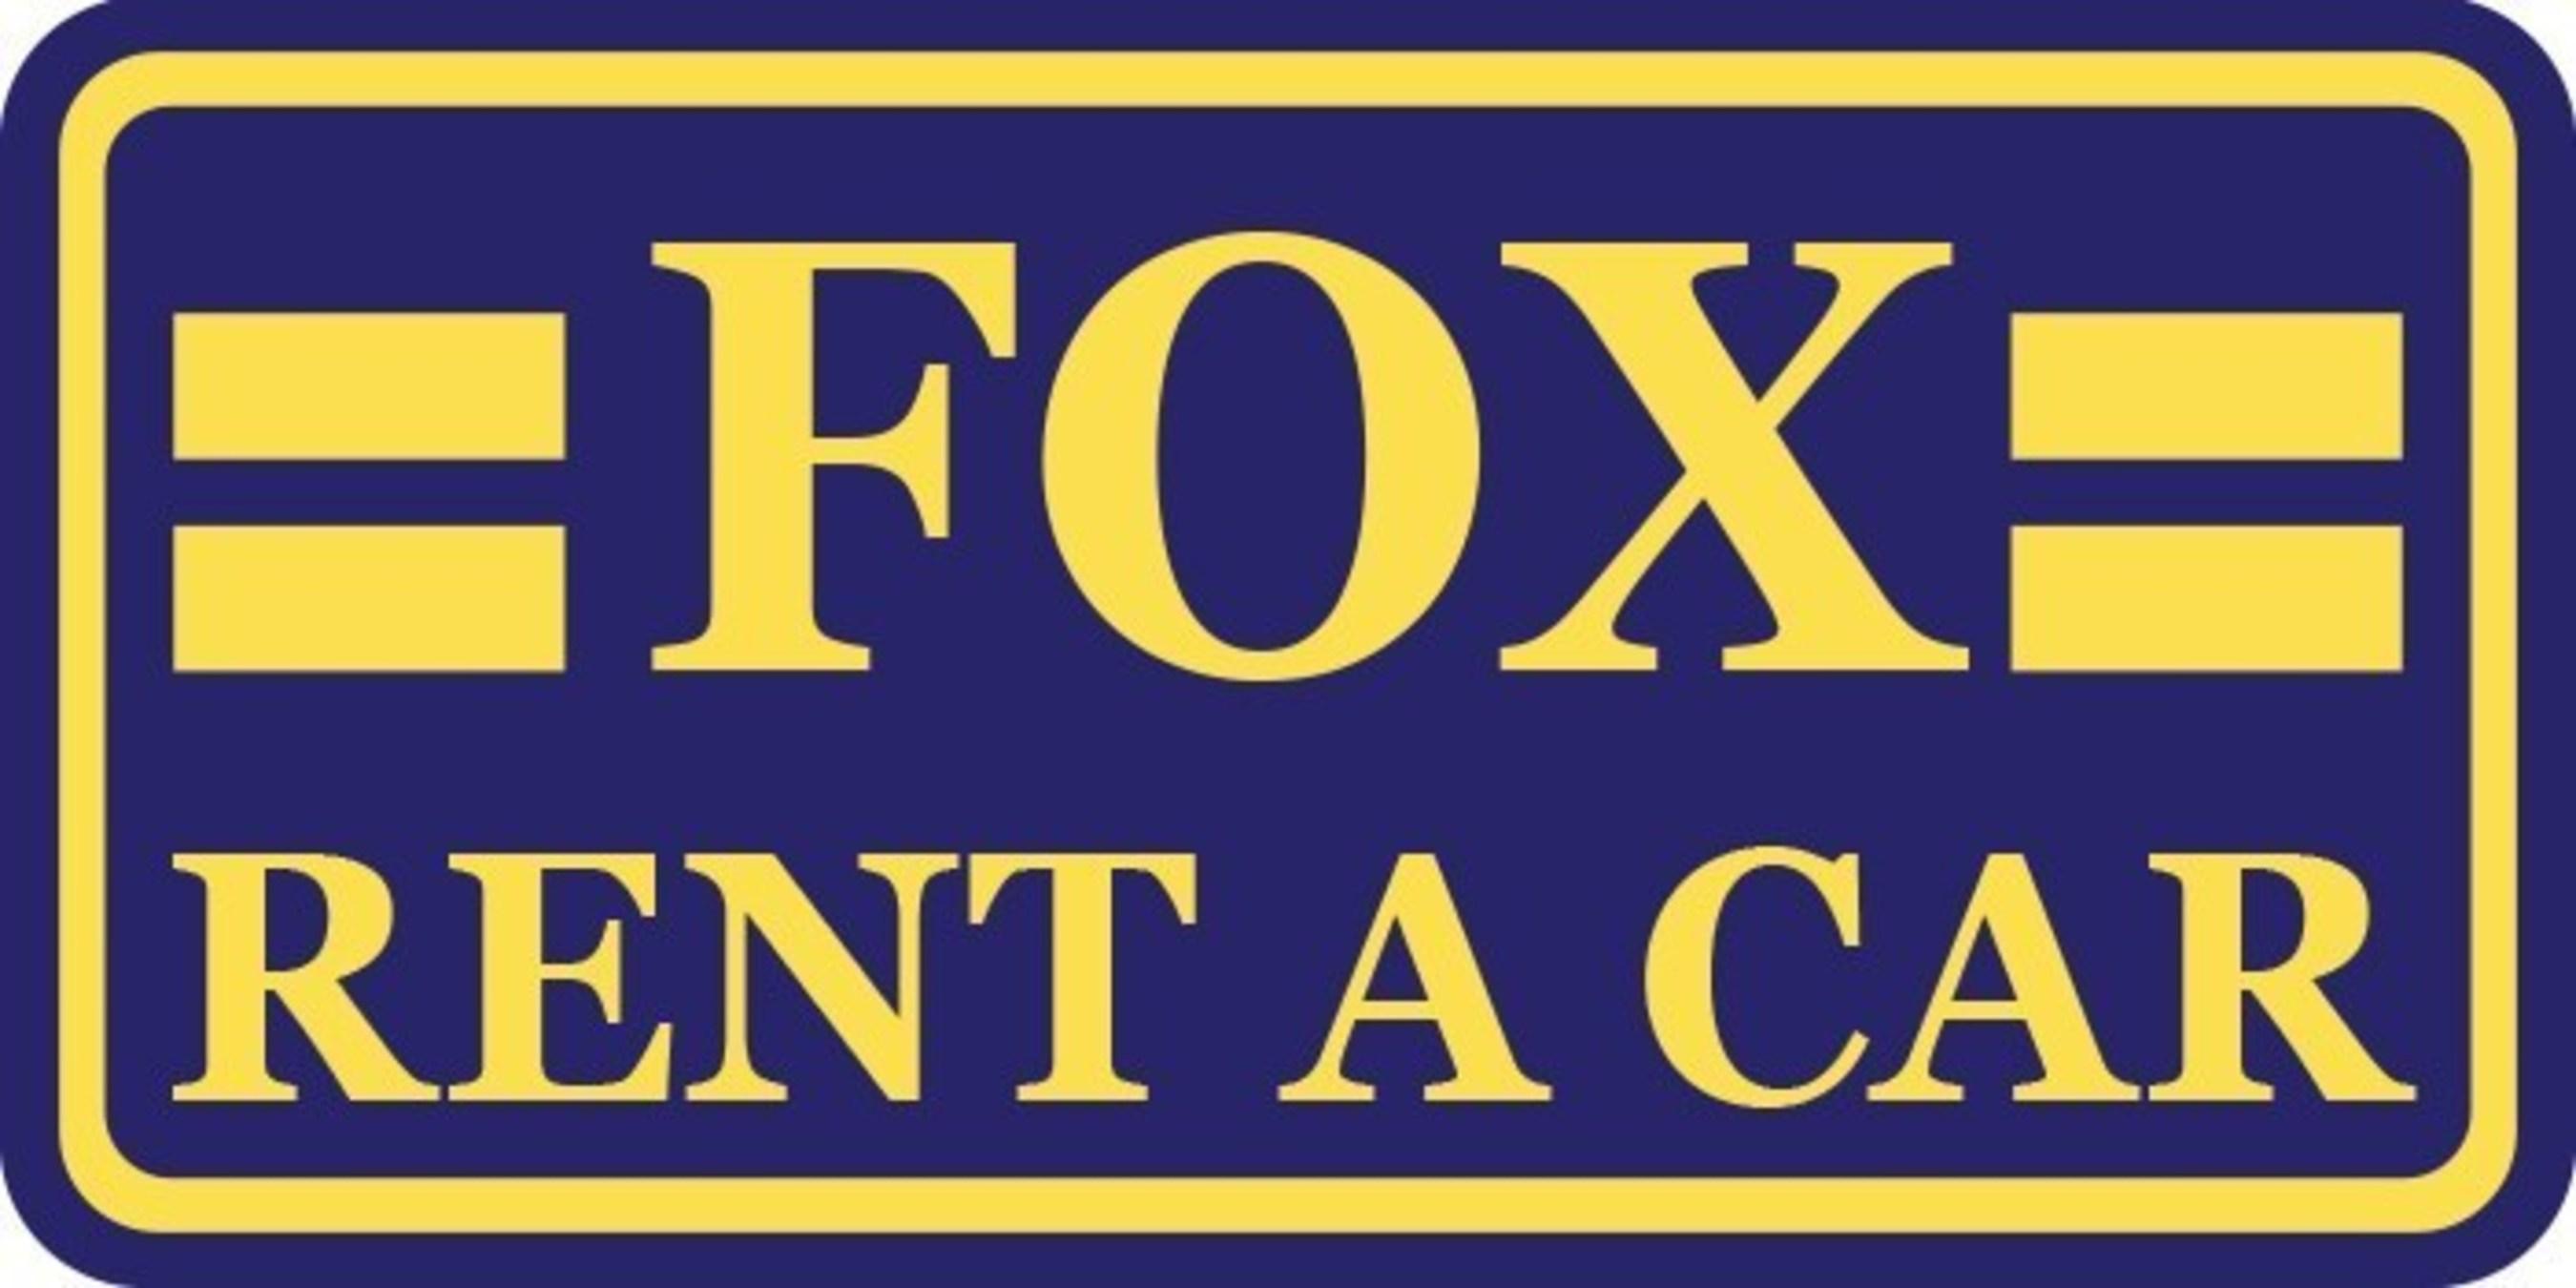 Fox Rentacar Completes Refinancing Of Bank Debt And